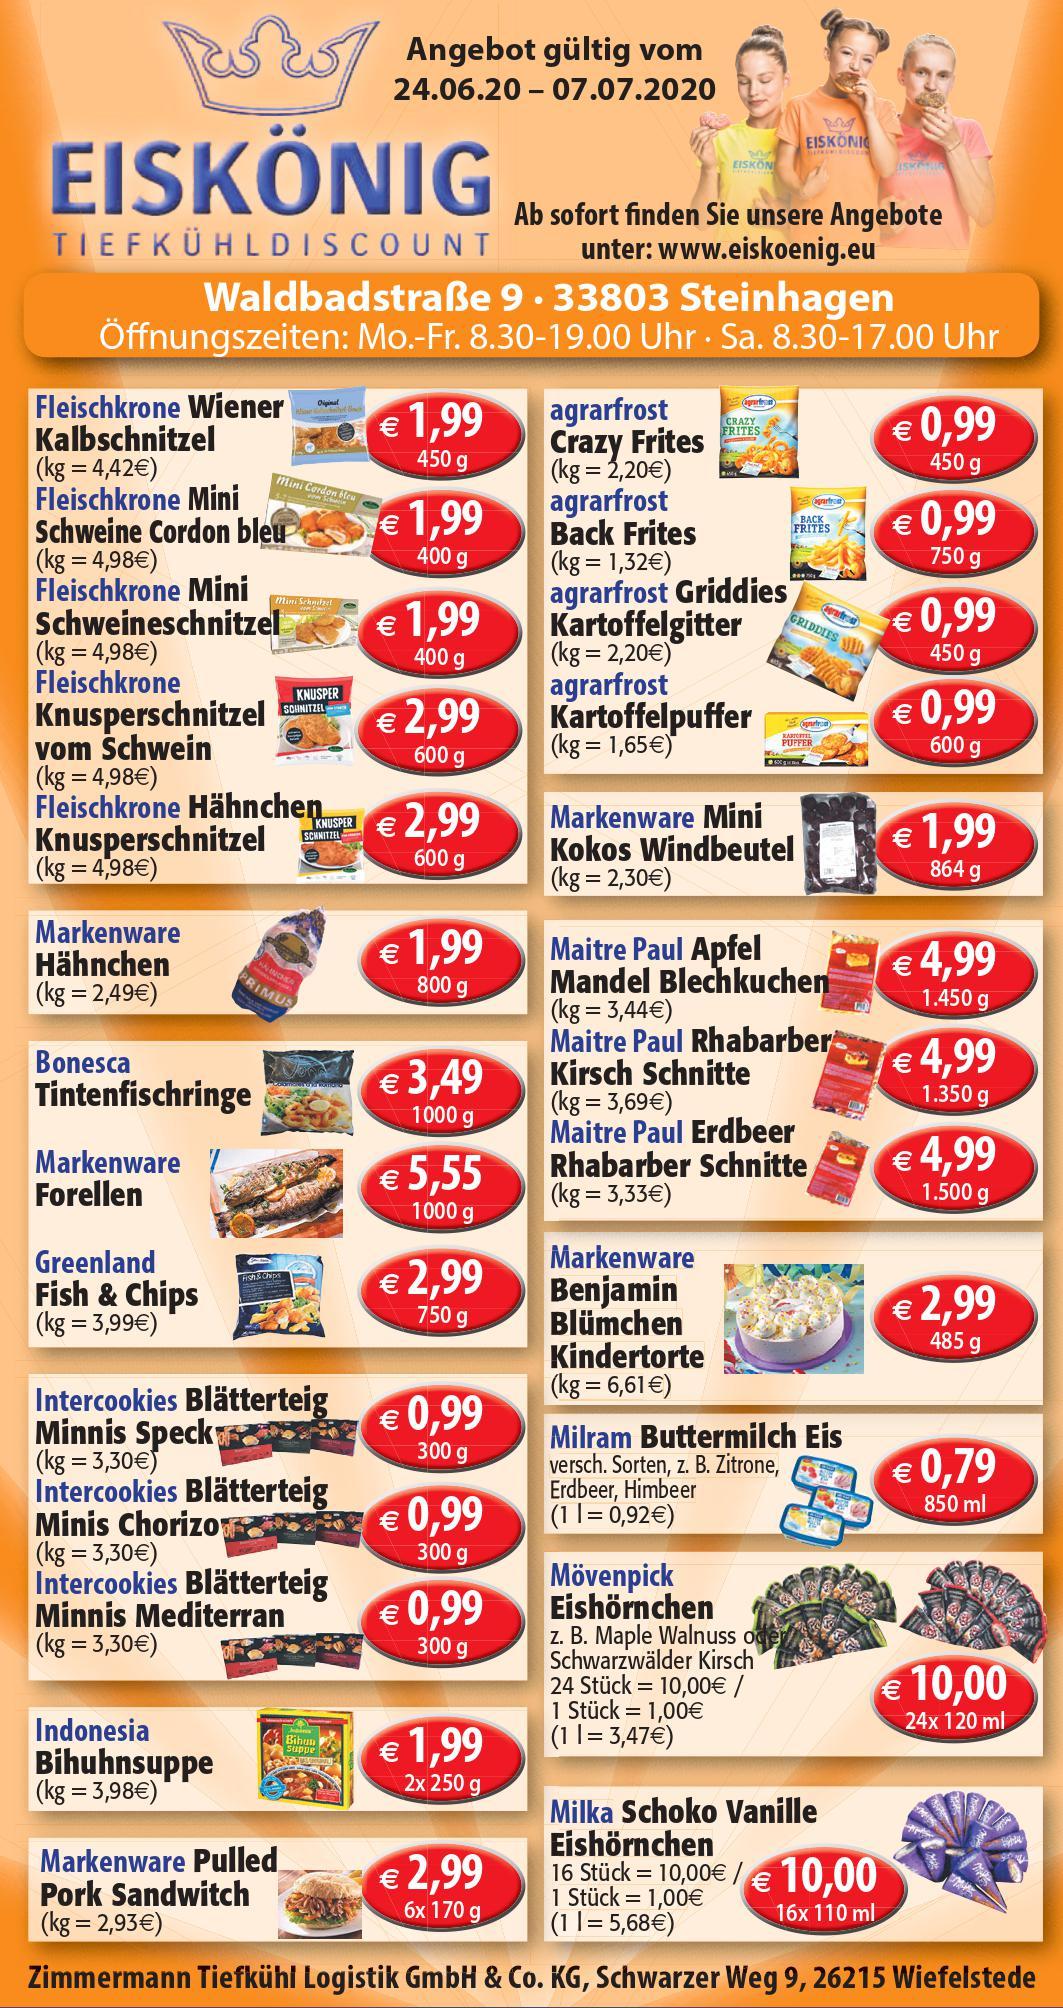 Angebote Eiskönig Tiefkühldiscount Steinhagen